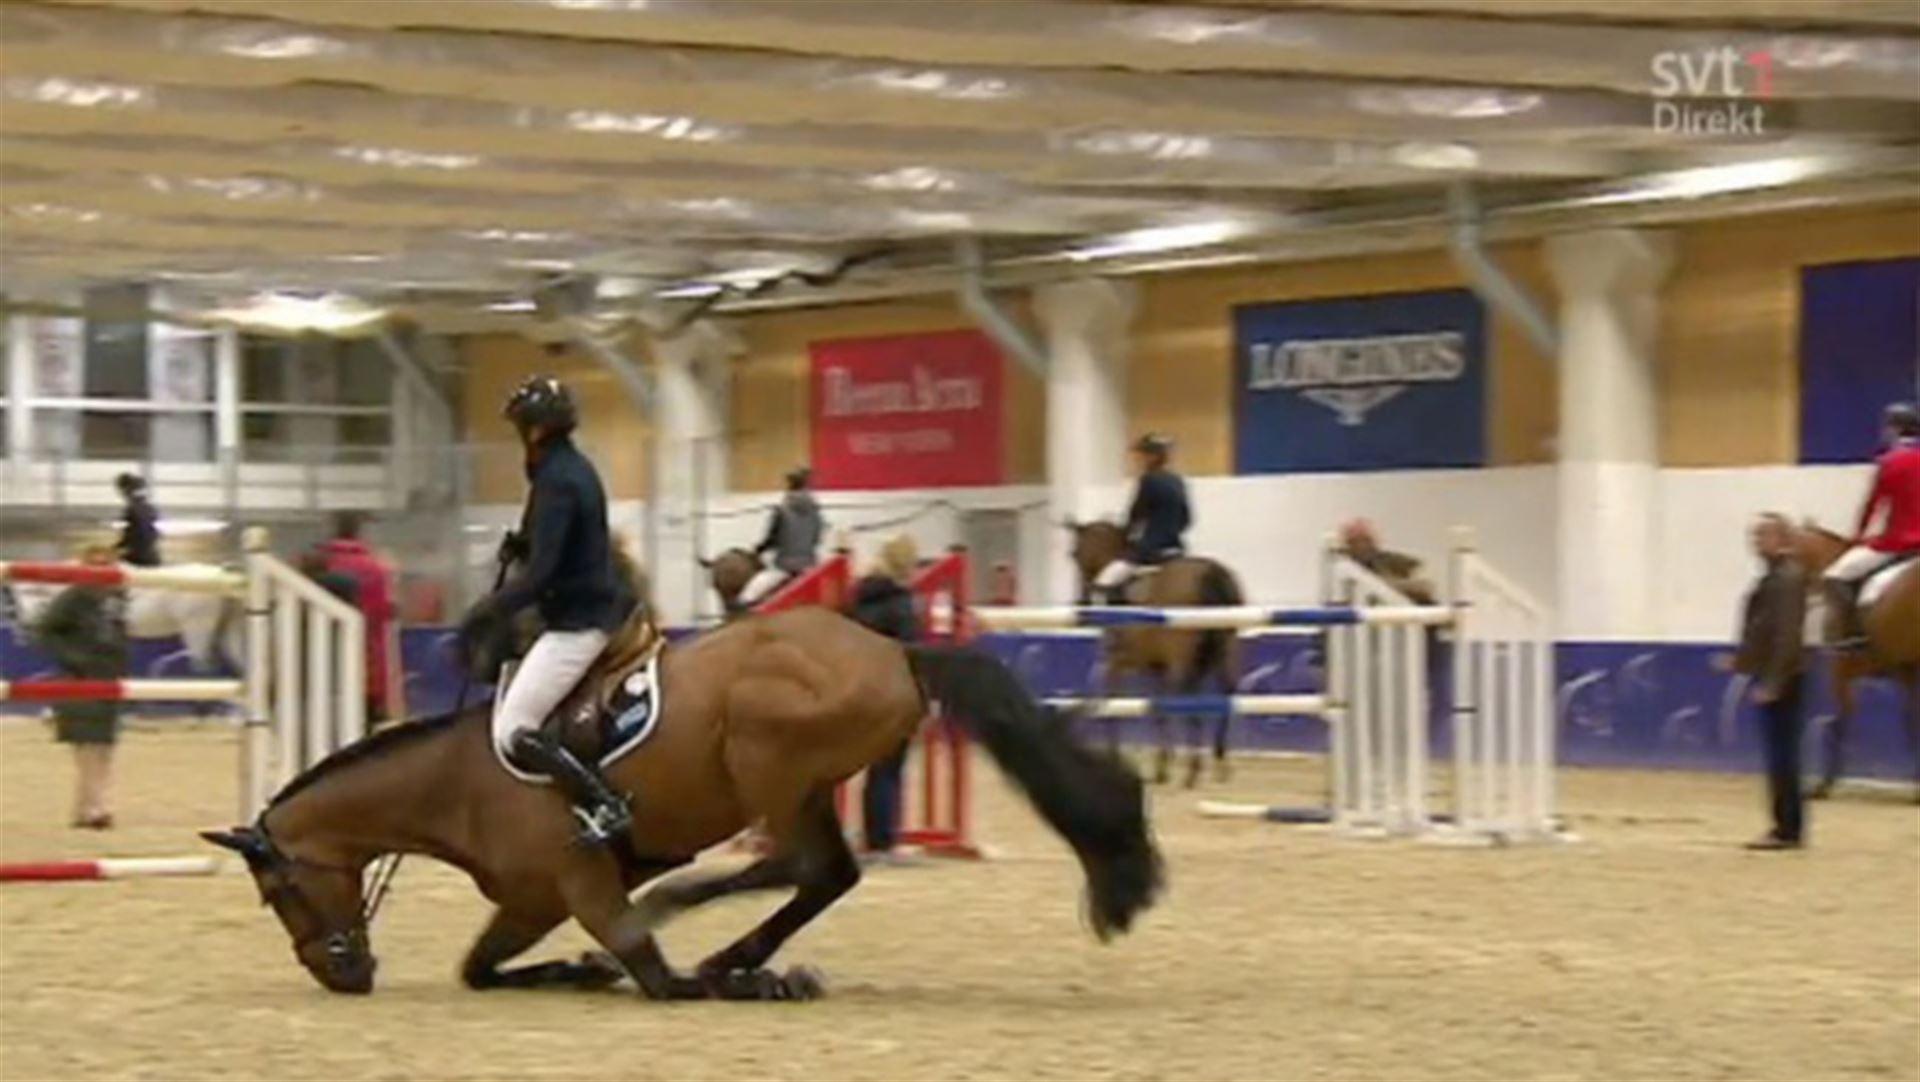 gothenburg_horse_show1